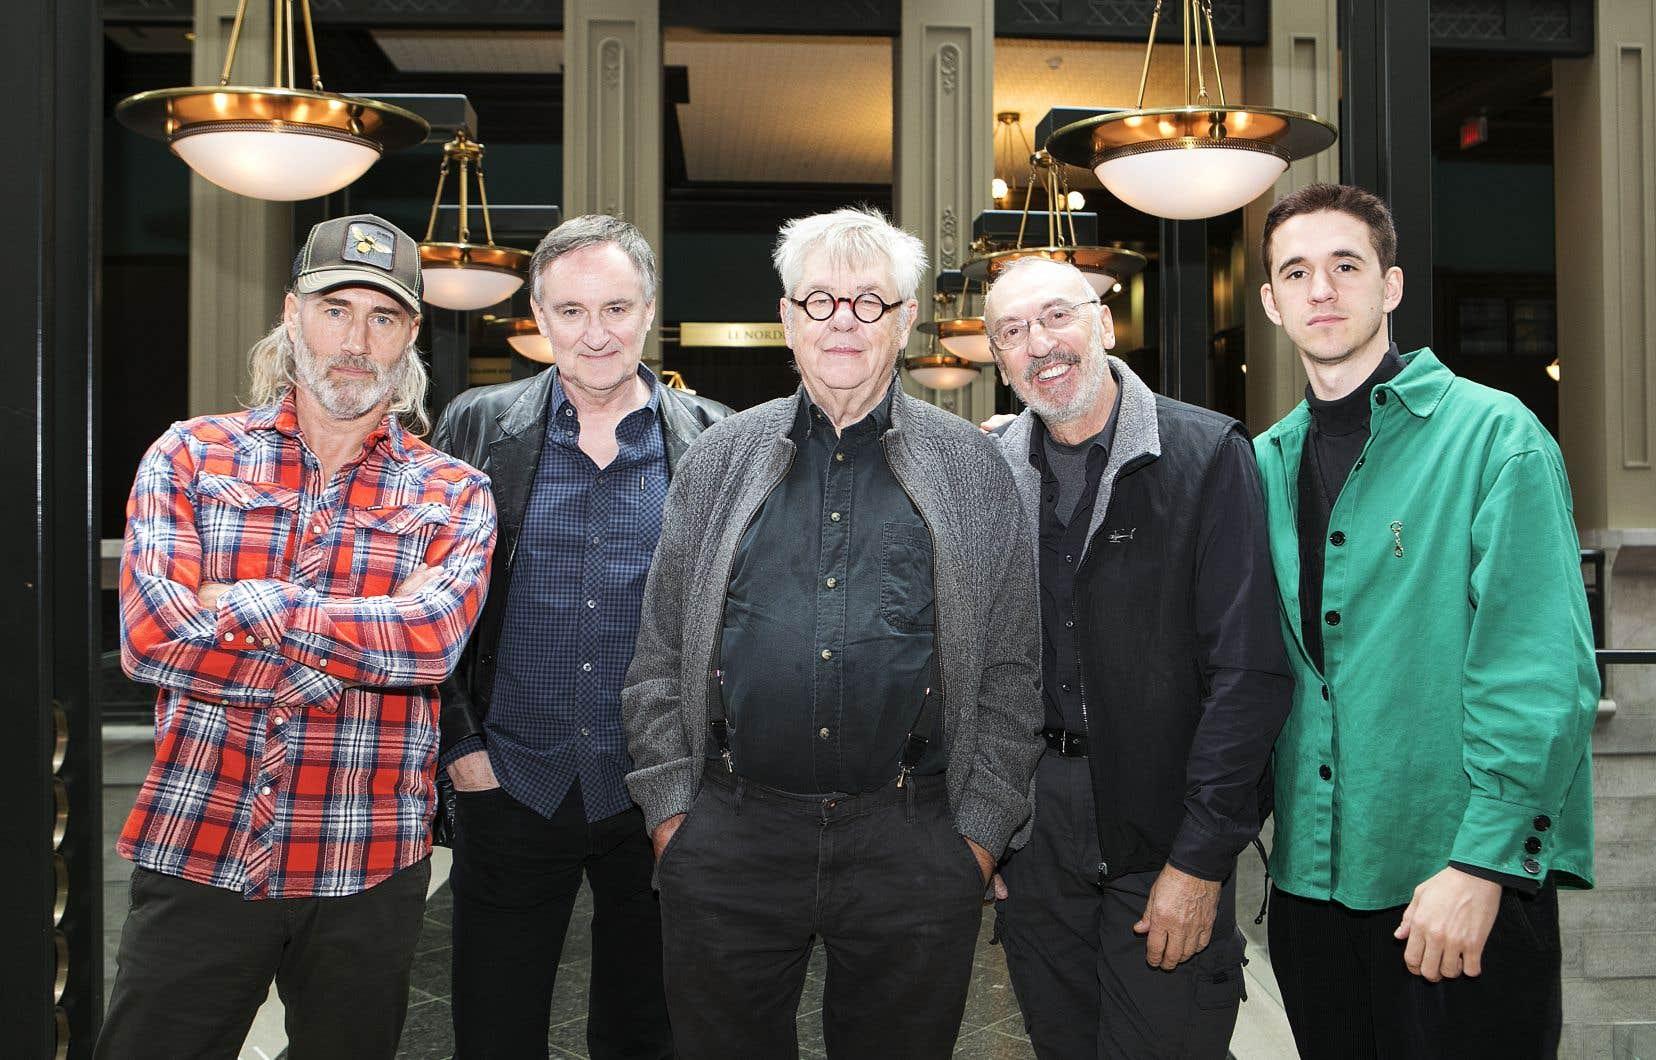 Roy Dupuis, Yves Jacques, Marc-André Forcier, Gaston Lepage, Émile Schneider forment la famille du cinéaste pour son dernier film, «Les fleurs oubliées».